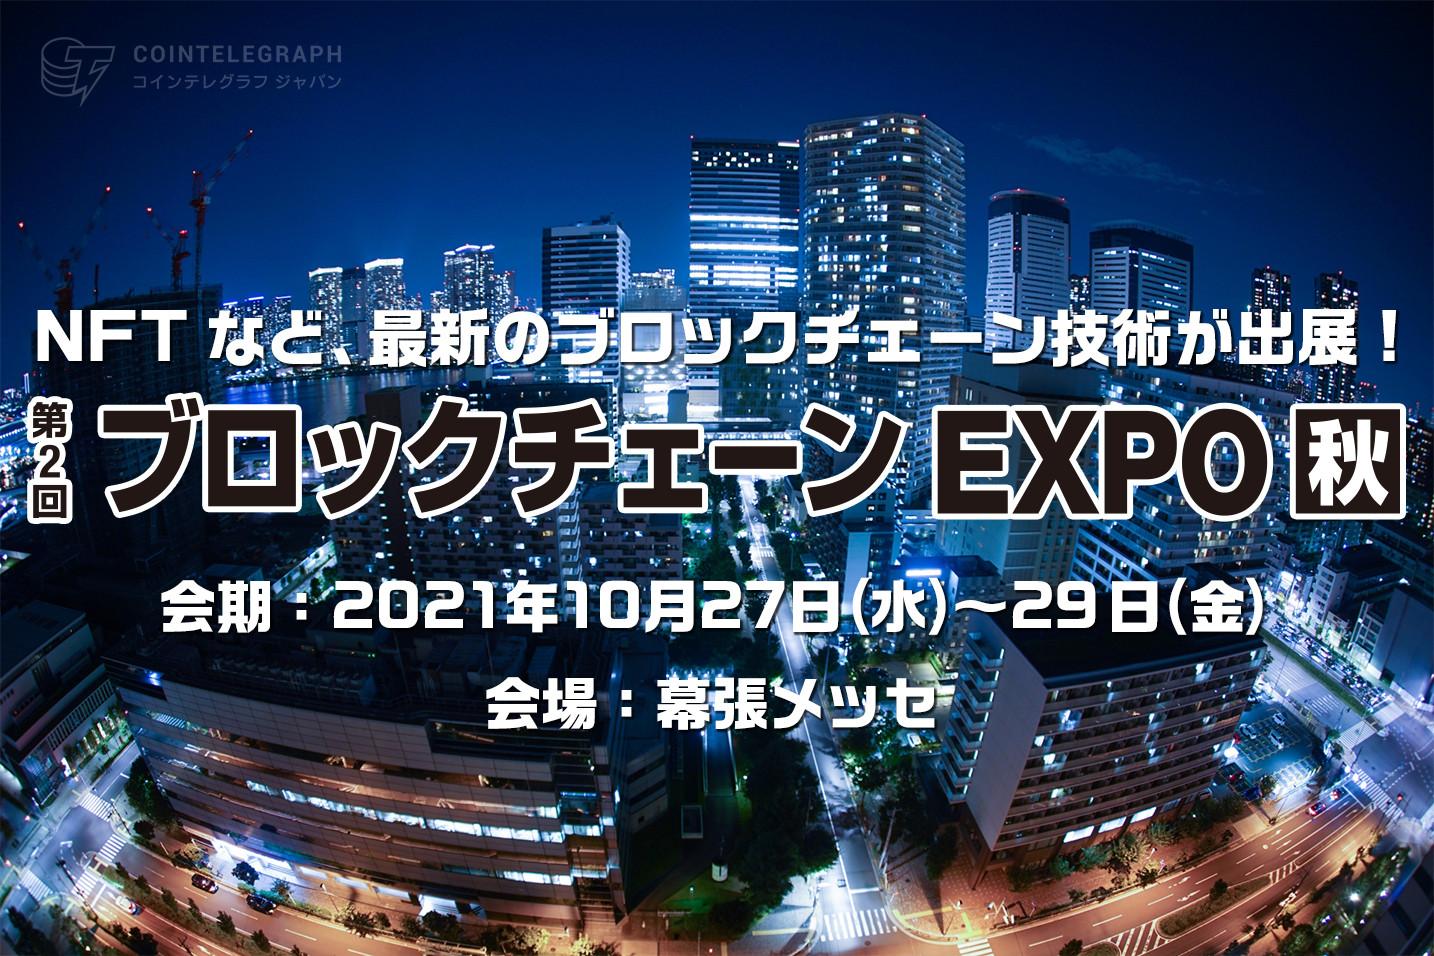 下半期日本最大級のブロックチェーン専門展を開催!招待券申込 受付開始(無料)